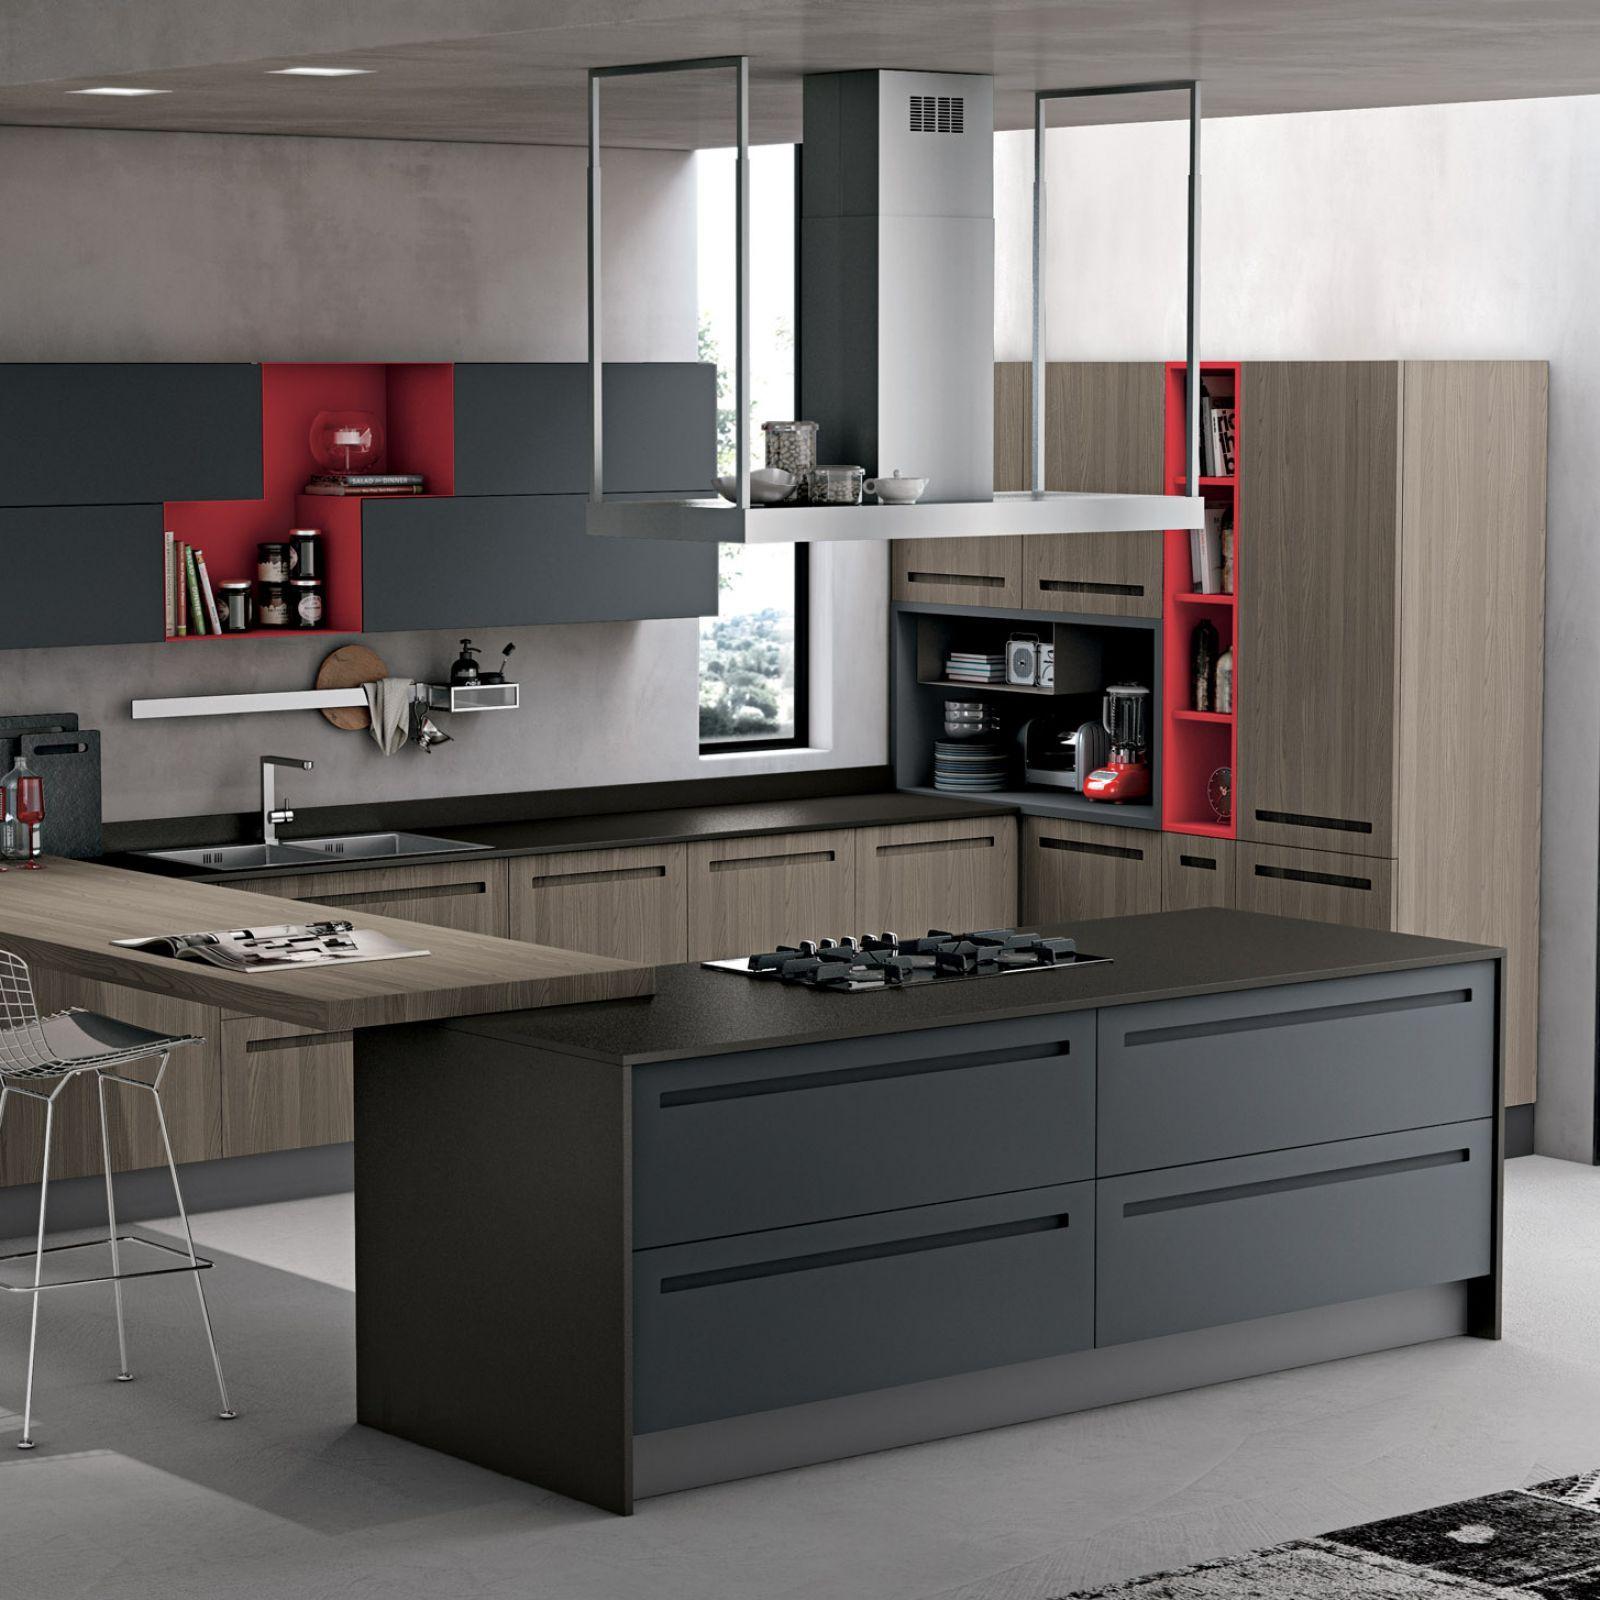 la cucina moderna che disegna lo spazio unendo kitchen e living con una